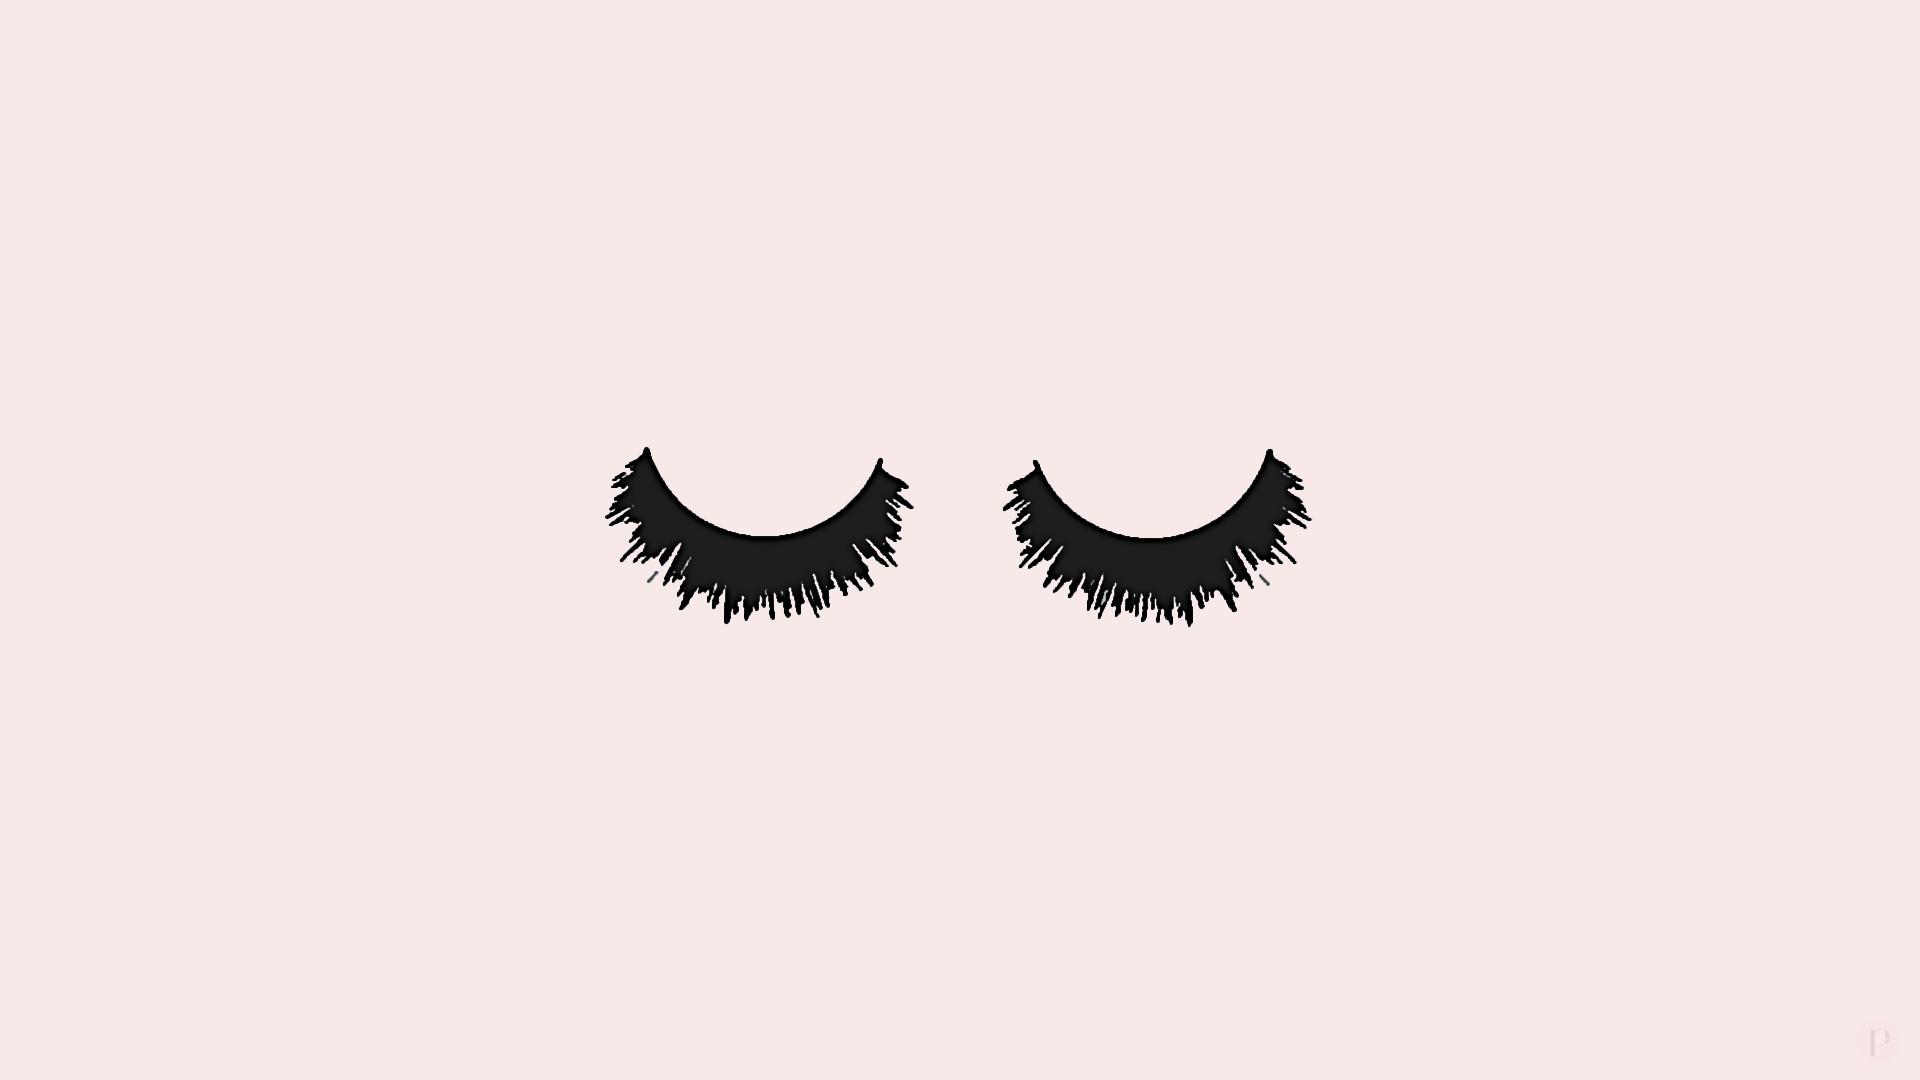 Eyelash Wallpapers - Top Free Eyelash